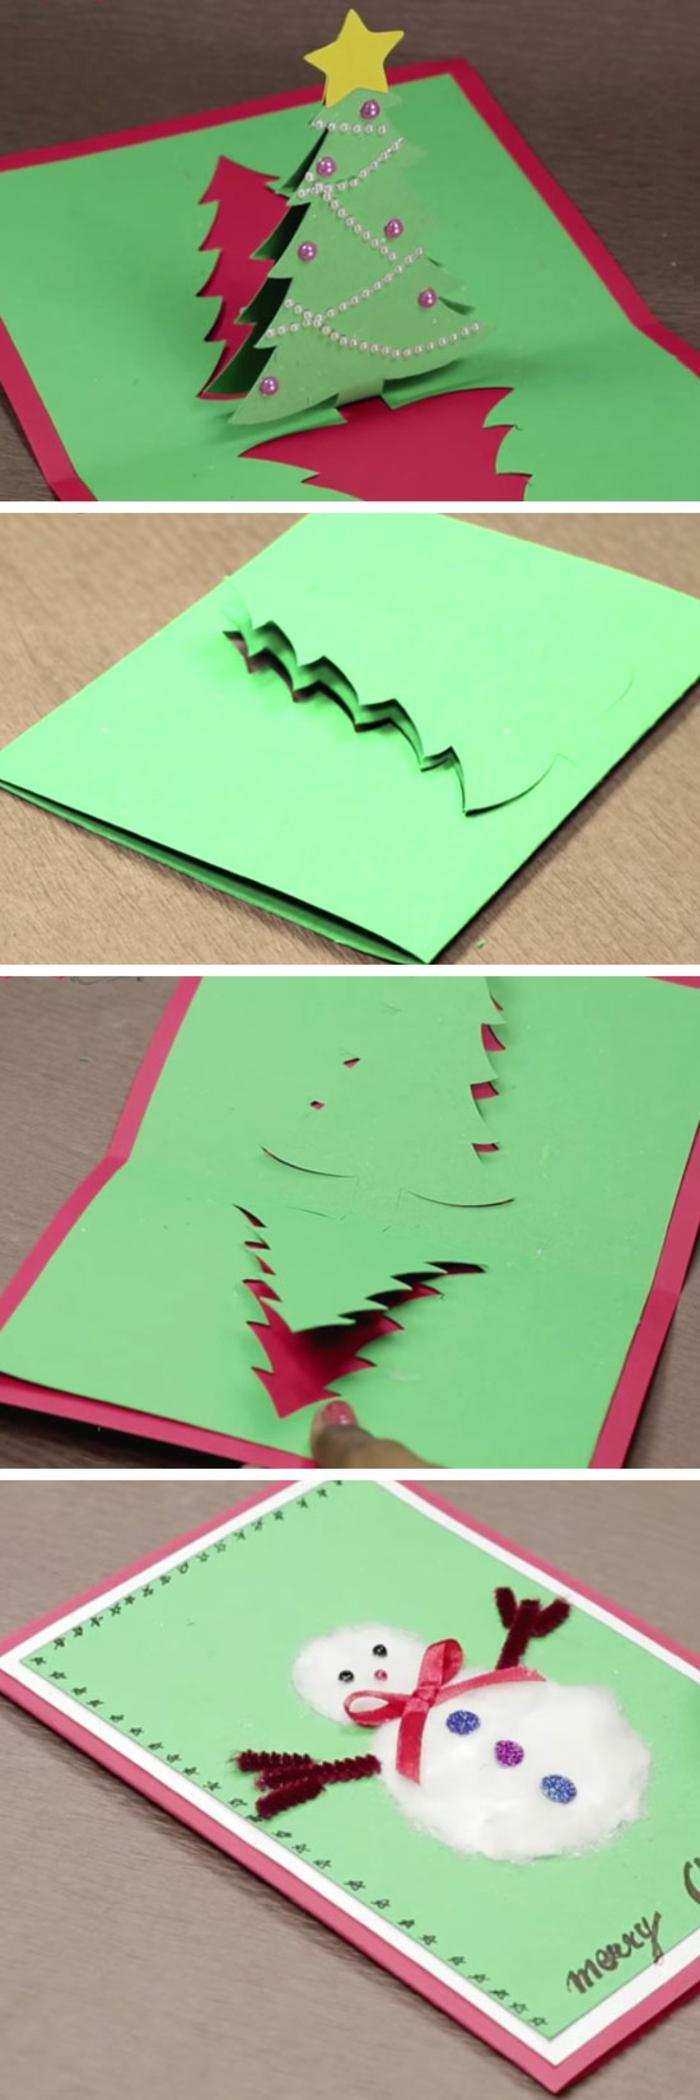 Weihnachtskarten Gestalten Günstig.1001 Ideen Für Weihnachtskarten Selbst Gestalten